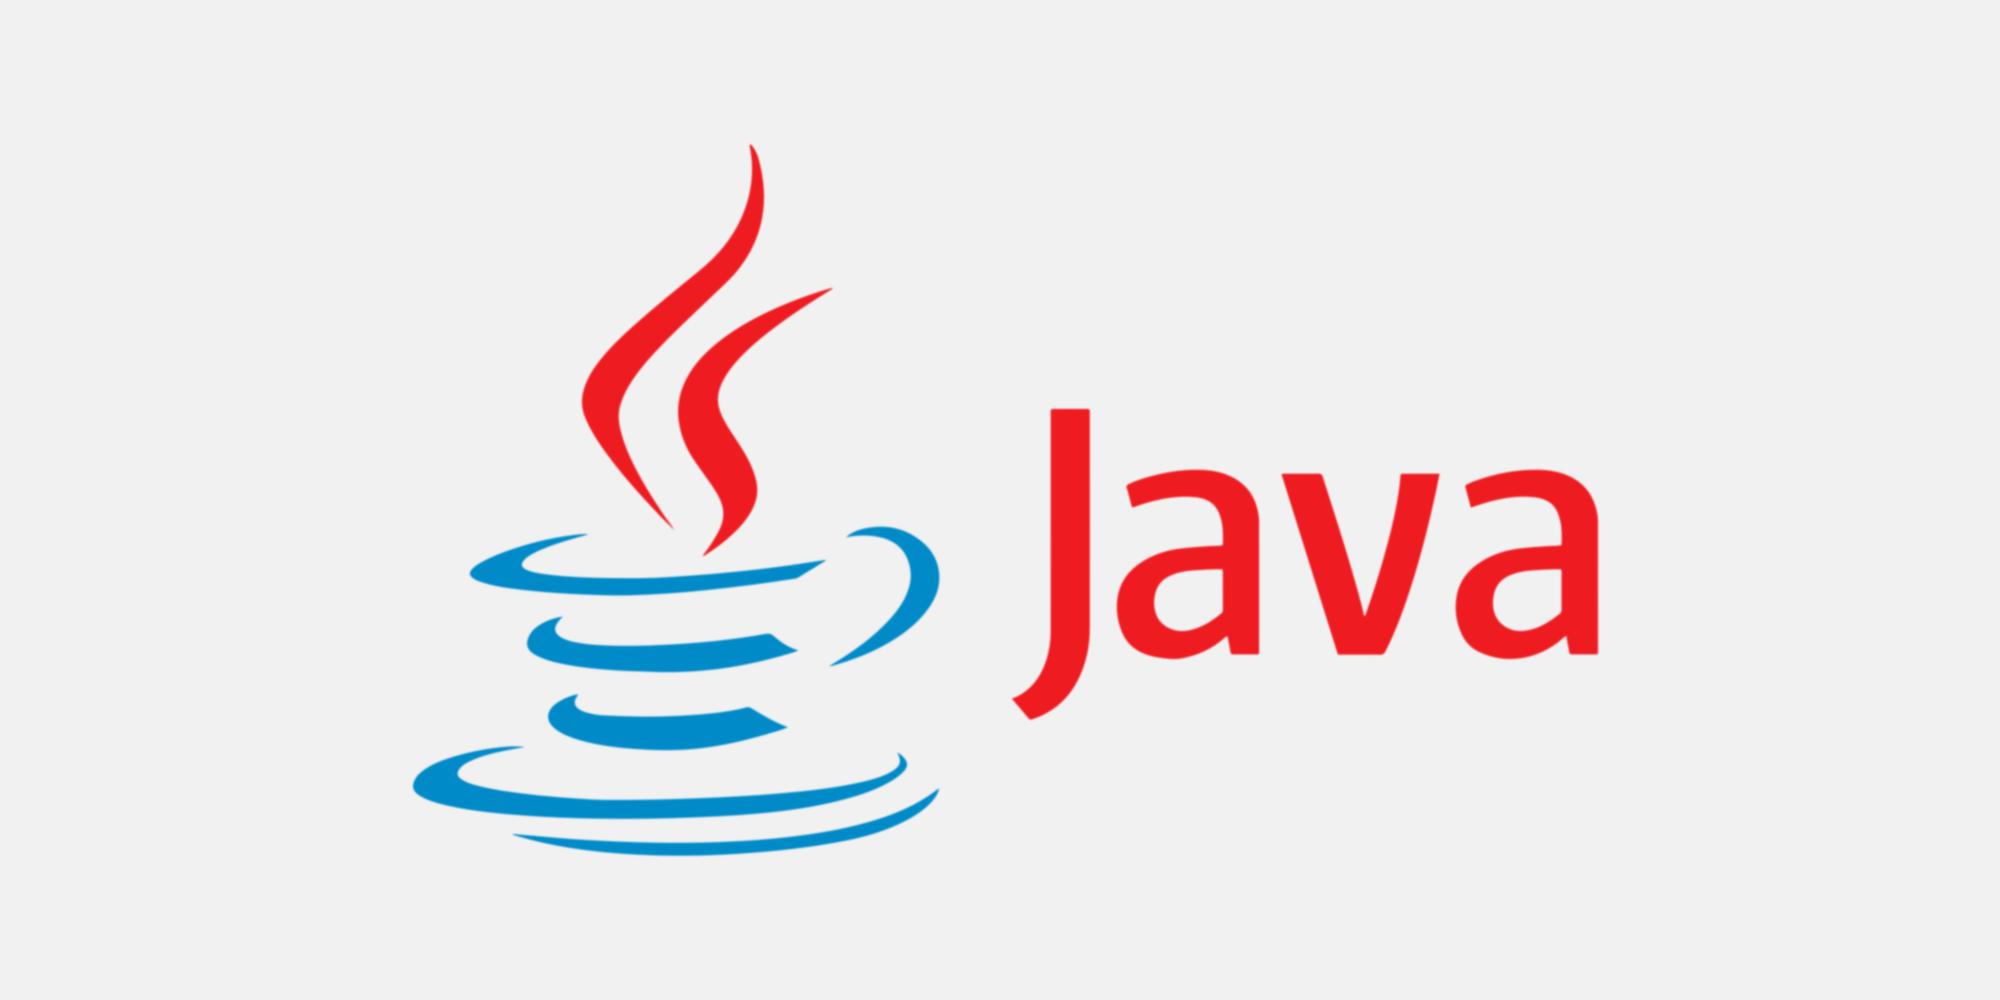 Программирование на Java с нуля: инструкция к профессии Java-разработчика